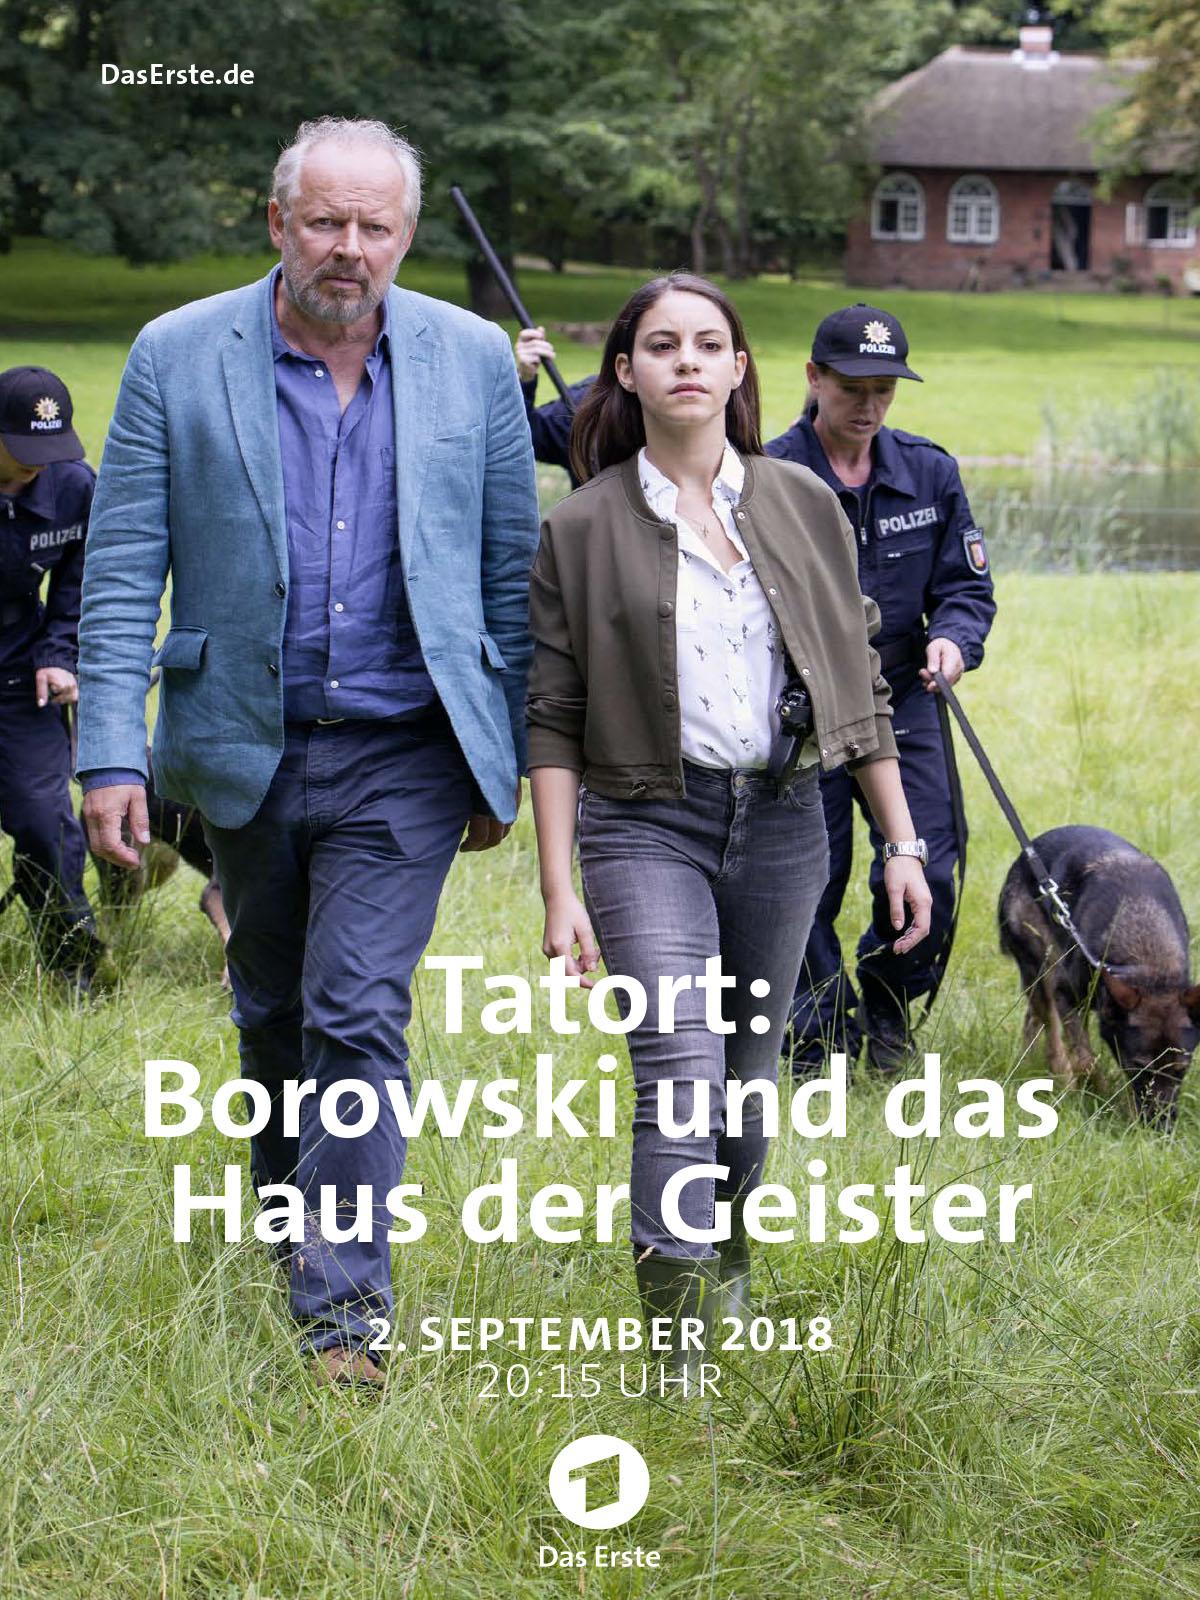 borowski und das haus der geister